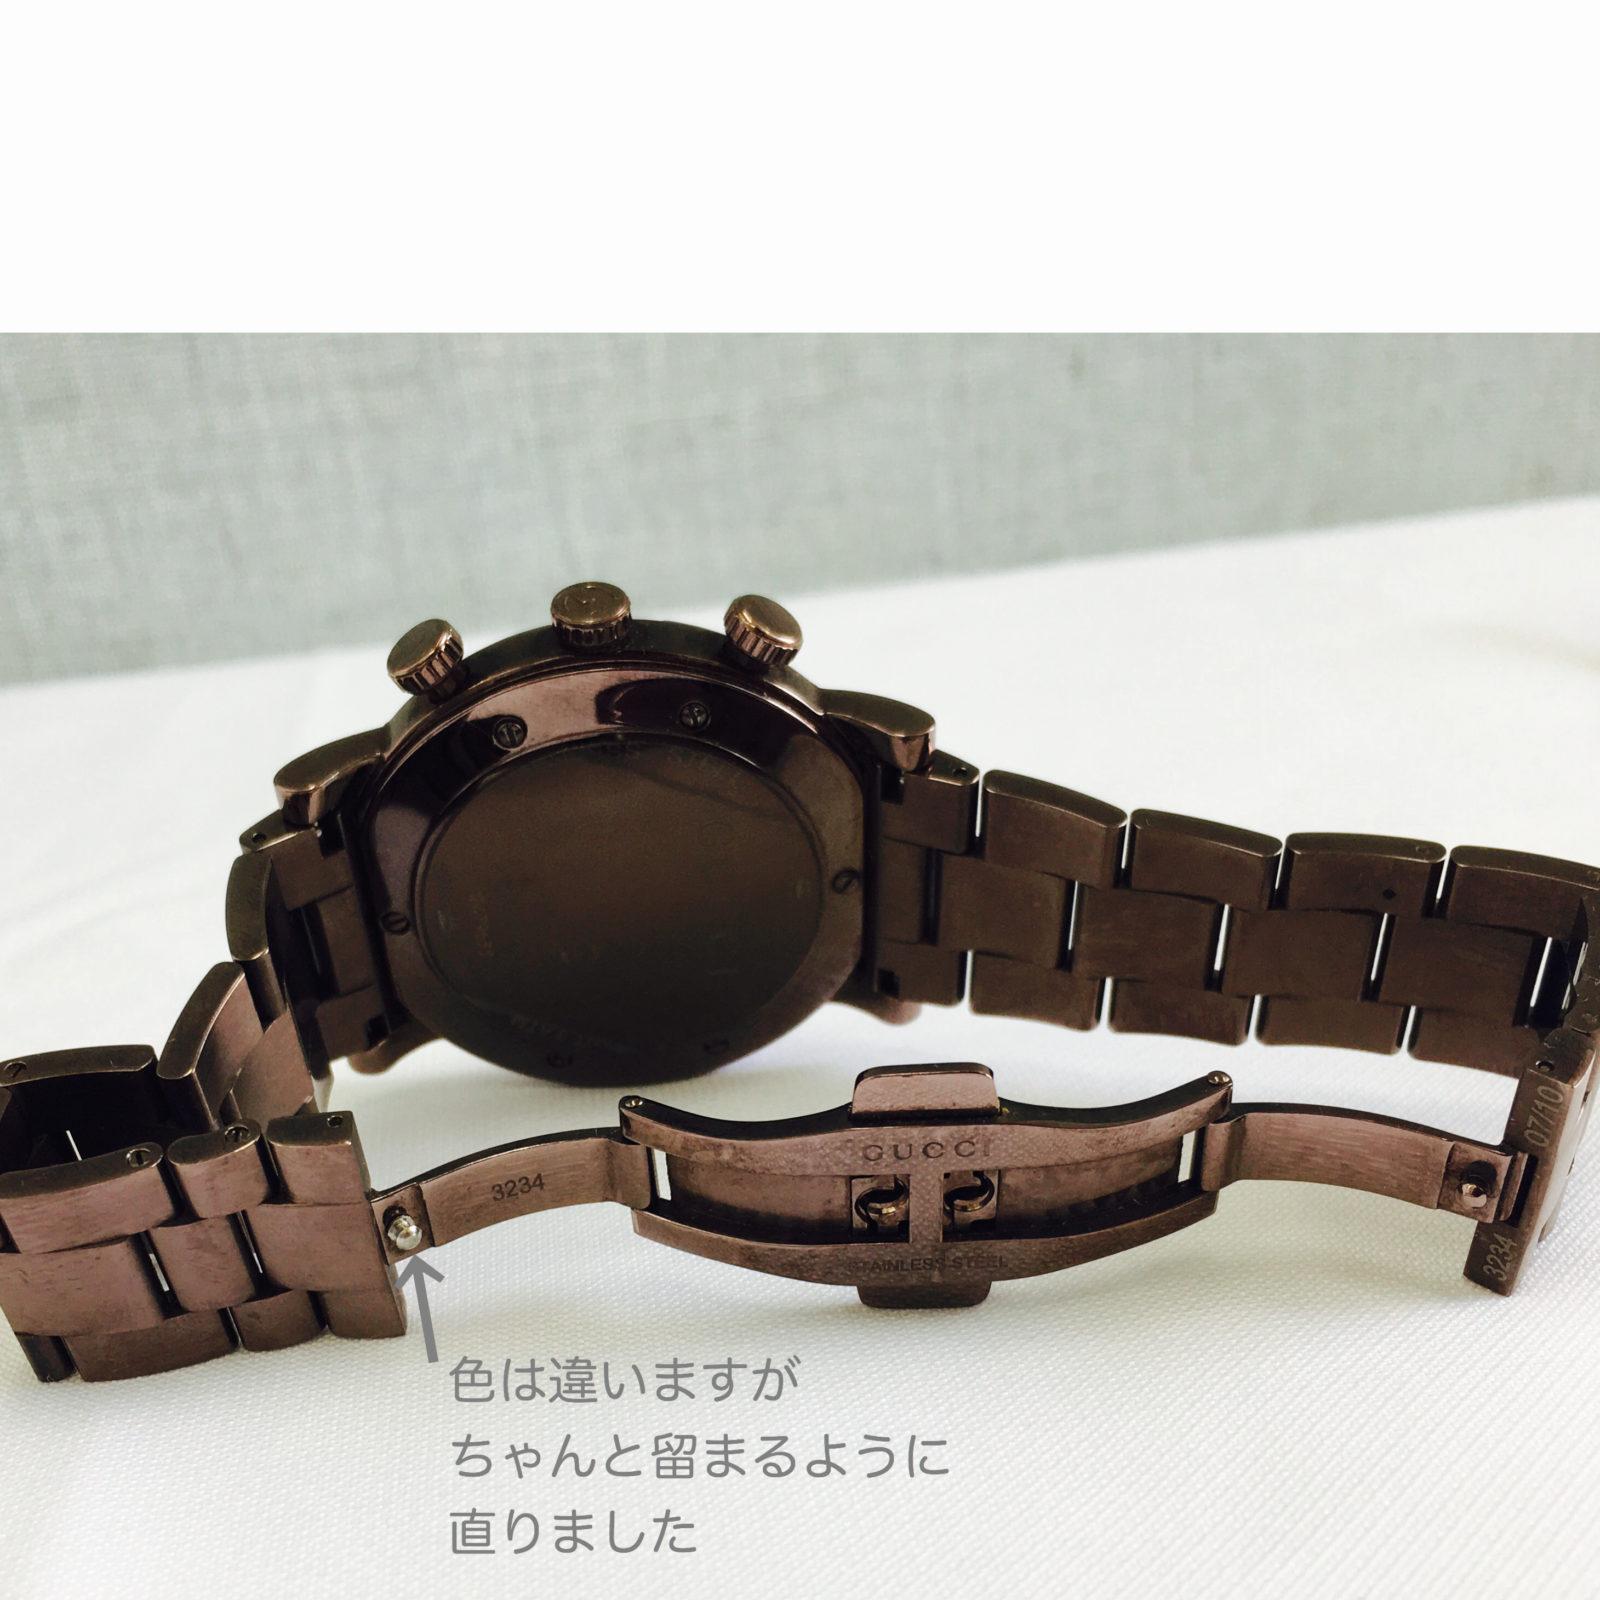 GUCCIの腕時計のバックル修理